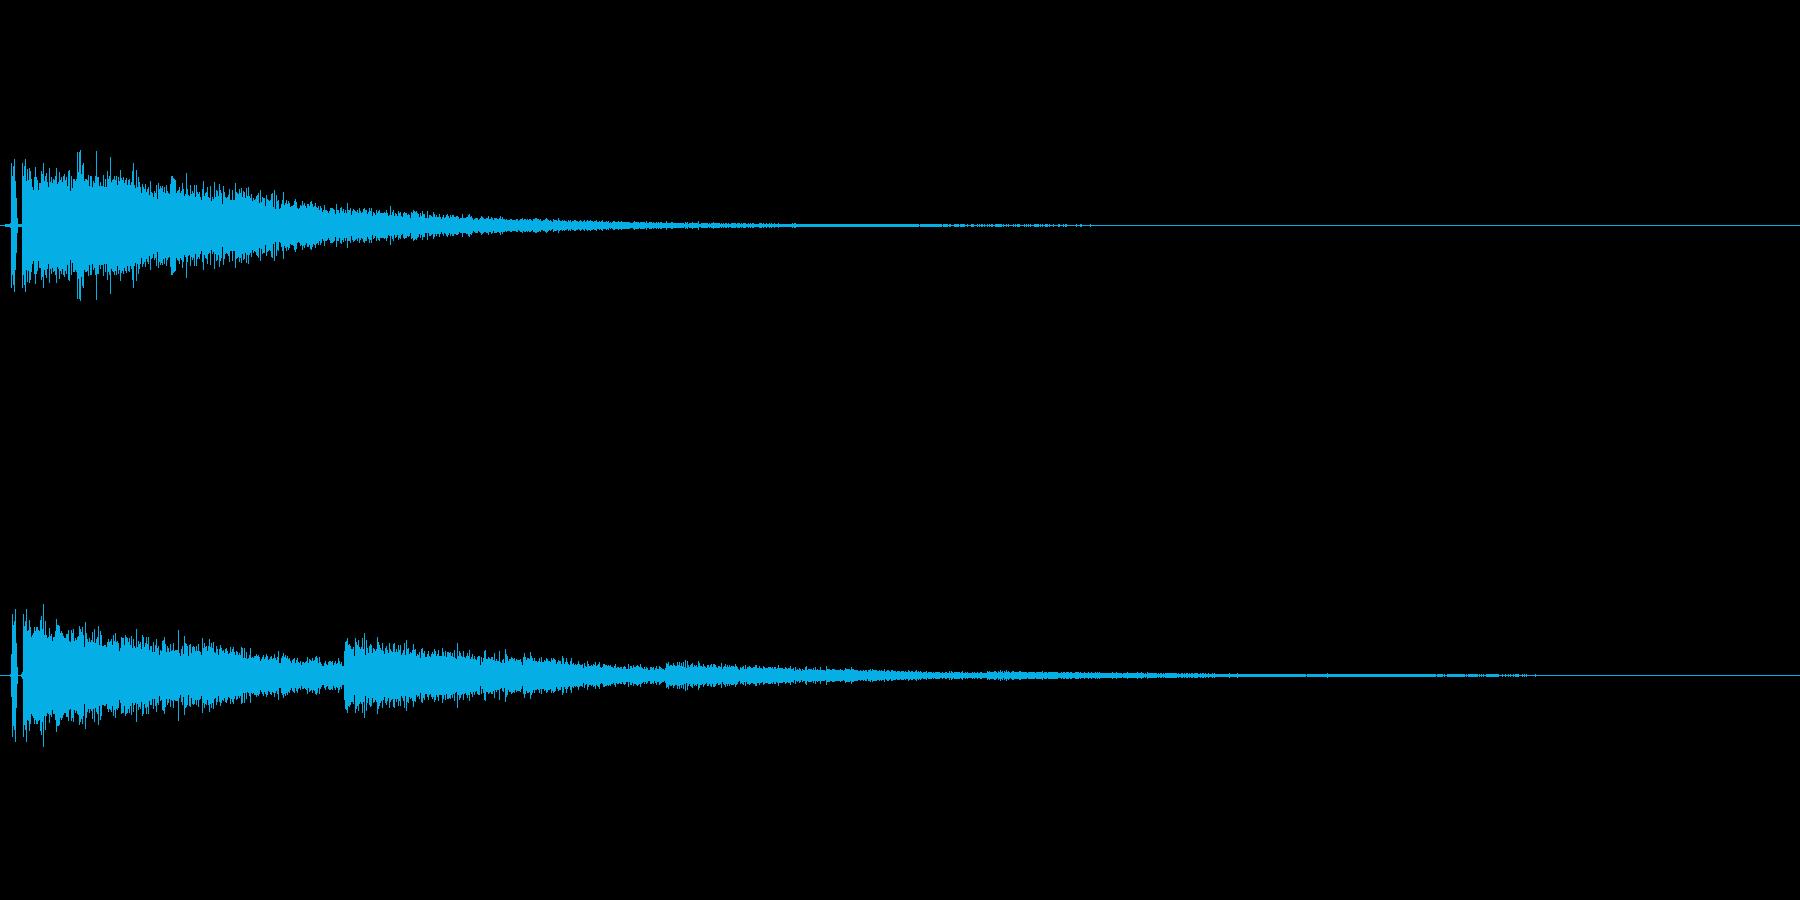 爆発音のような音の再生済みの波形